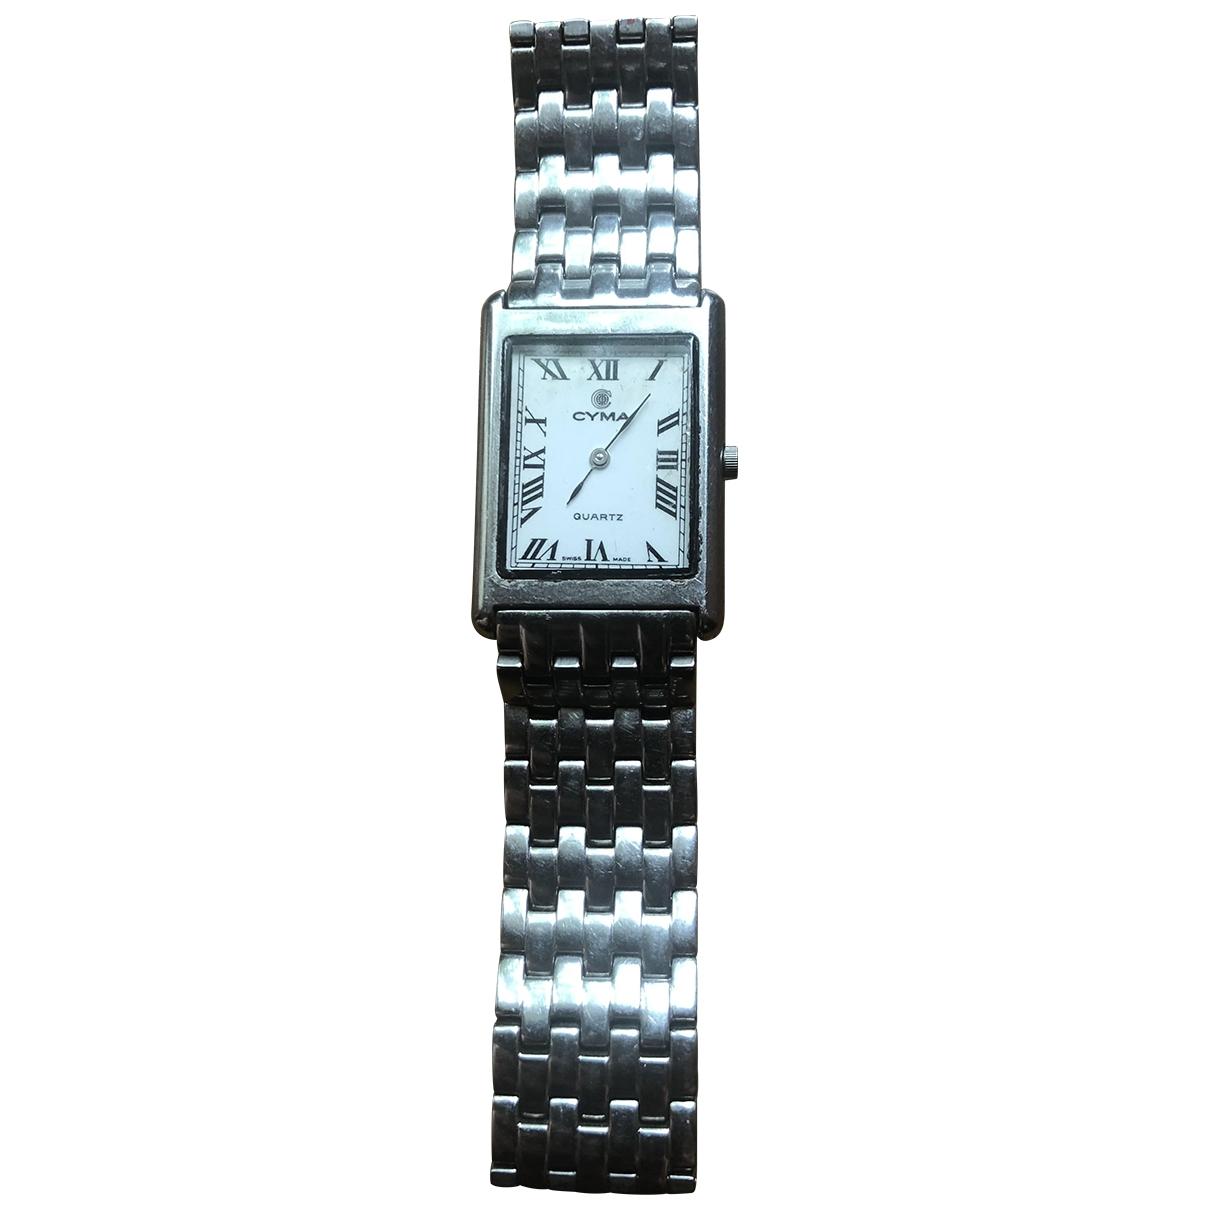 Cyma \N Uhr in  Grau Stahl